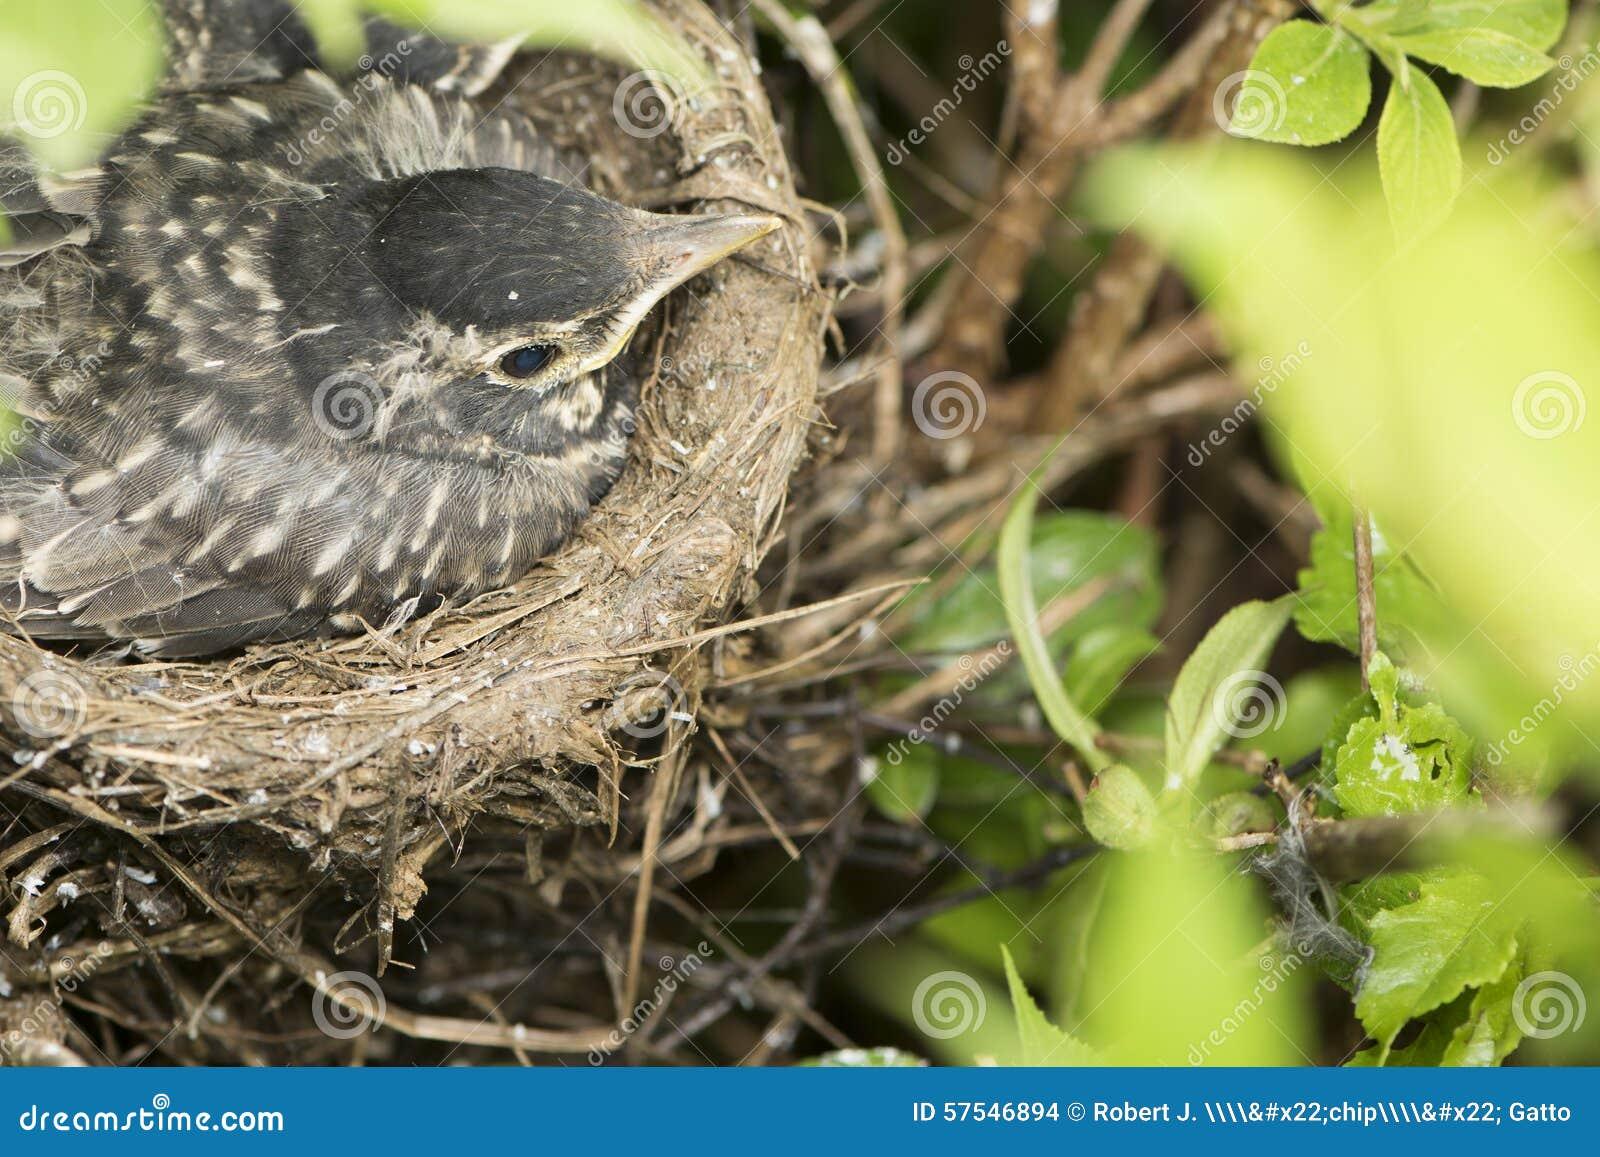 vogel im nest stockfoto bild von sch tzchen flockig 57546894. Black Bedroom Furniture Sets. Home Design Ideas